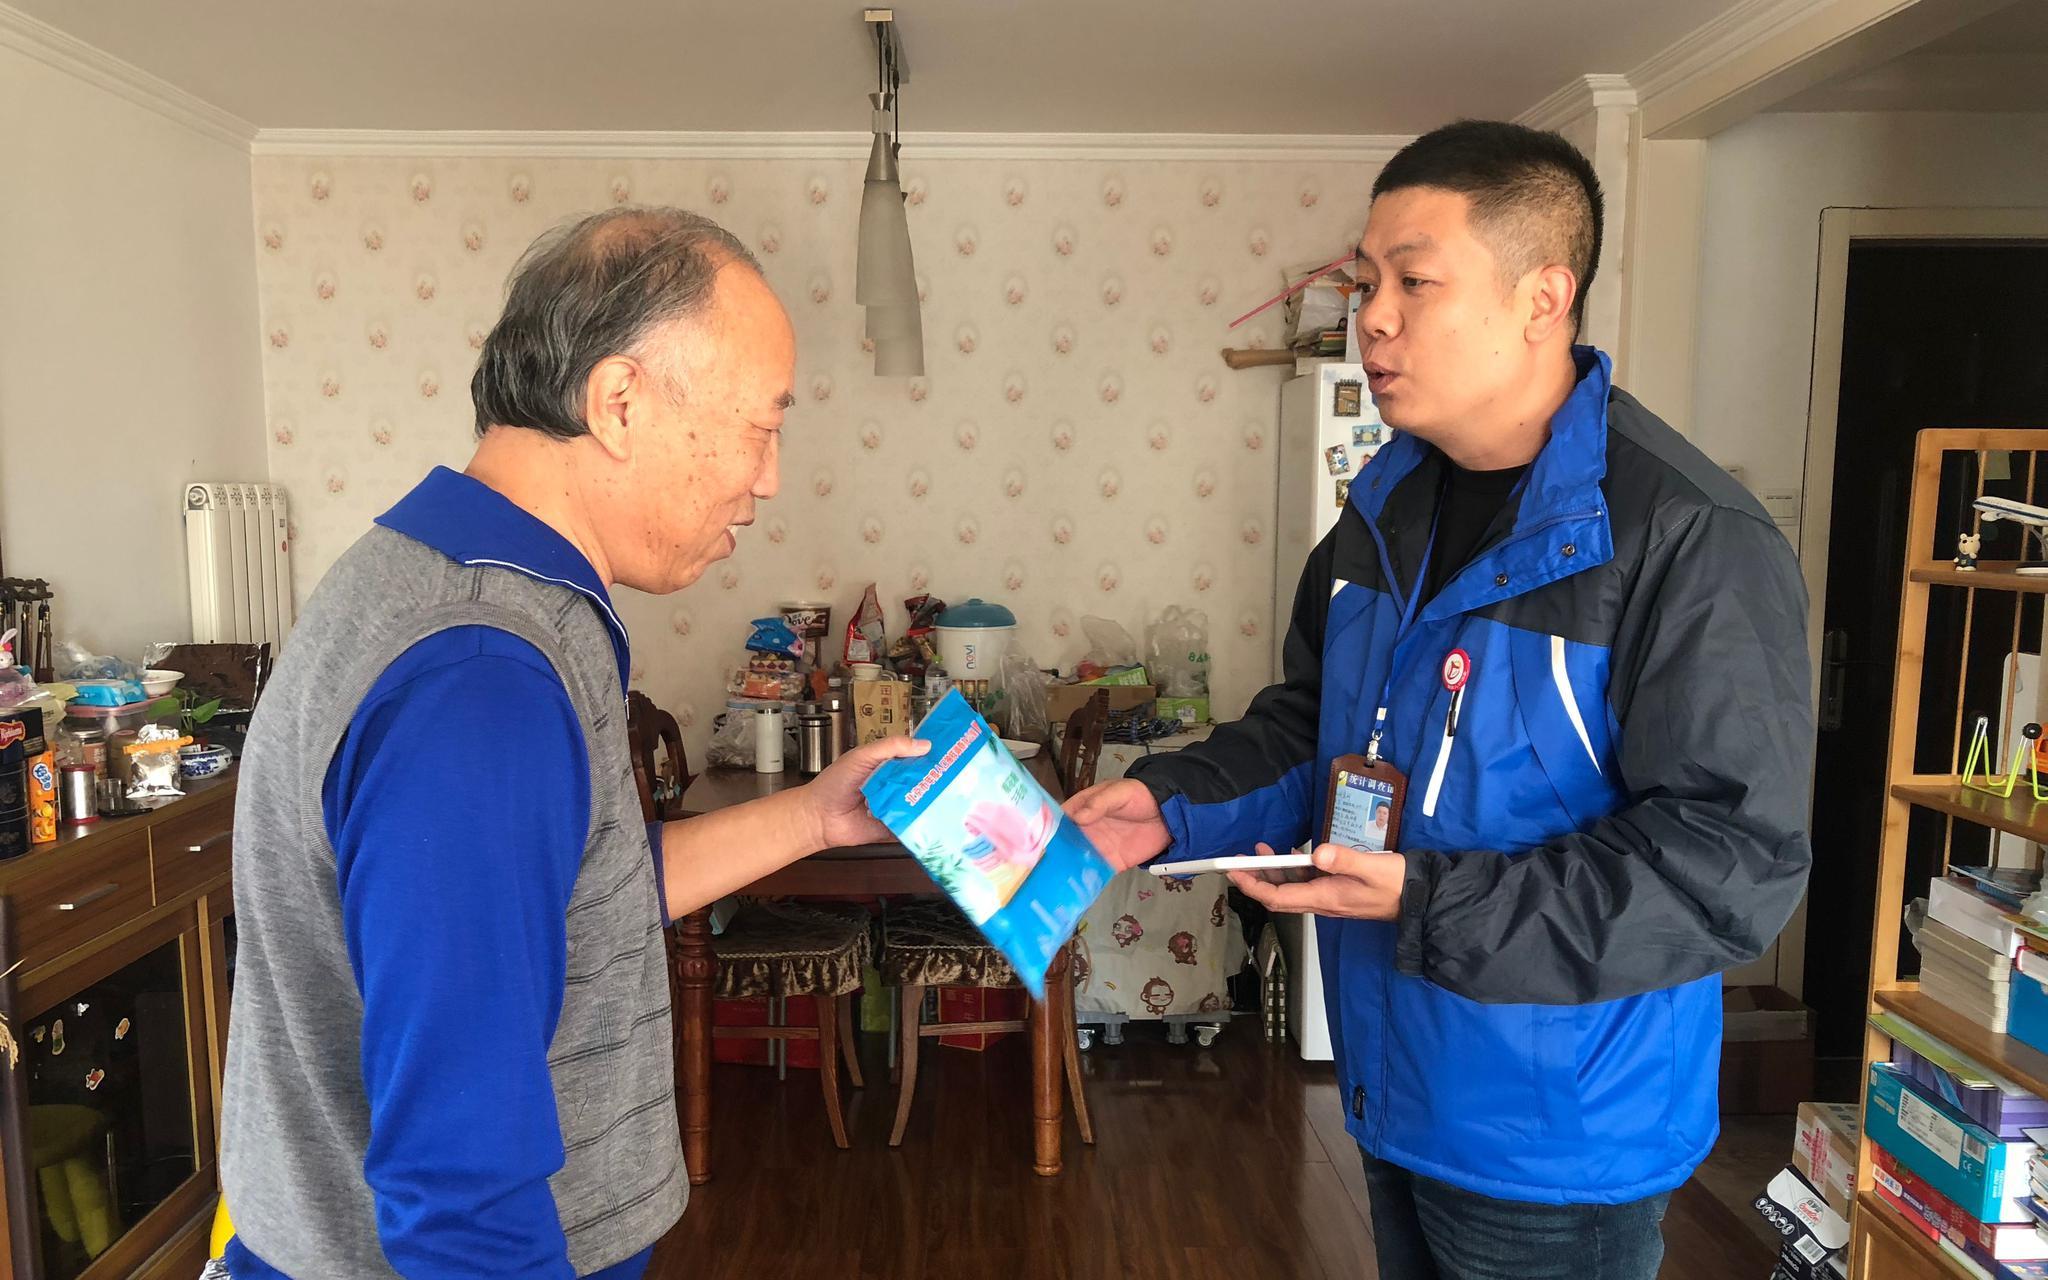 查询拜访员在野阳常营保利社区展开进户注销事情。北京市统计局供图